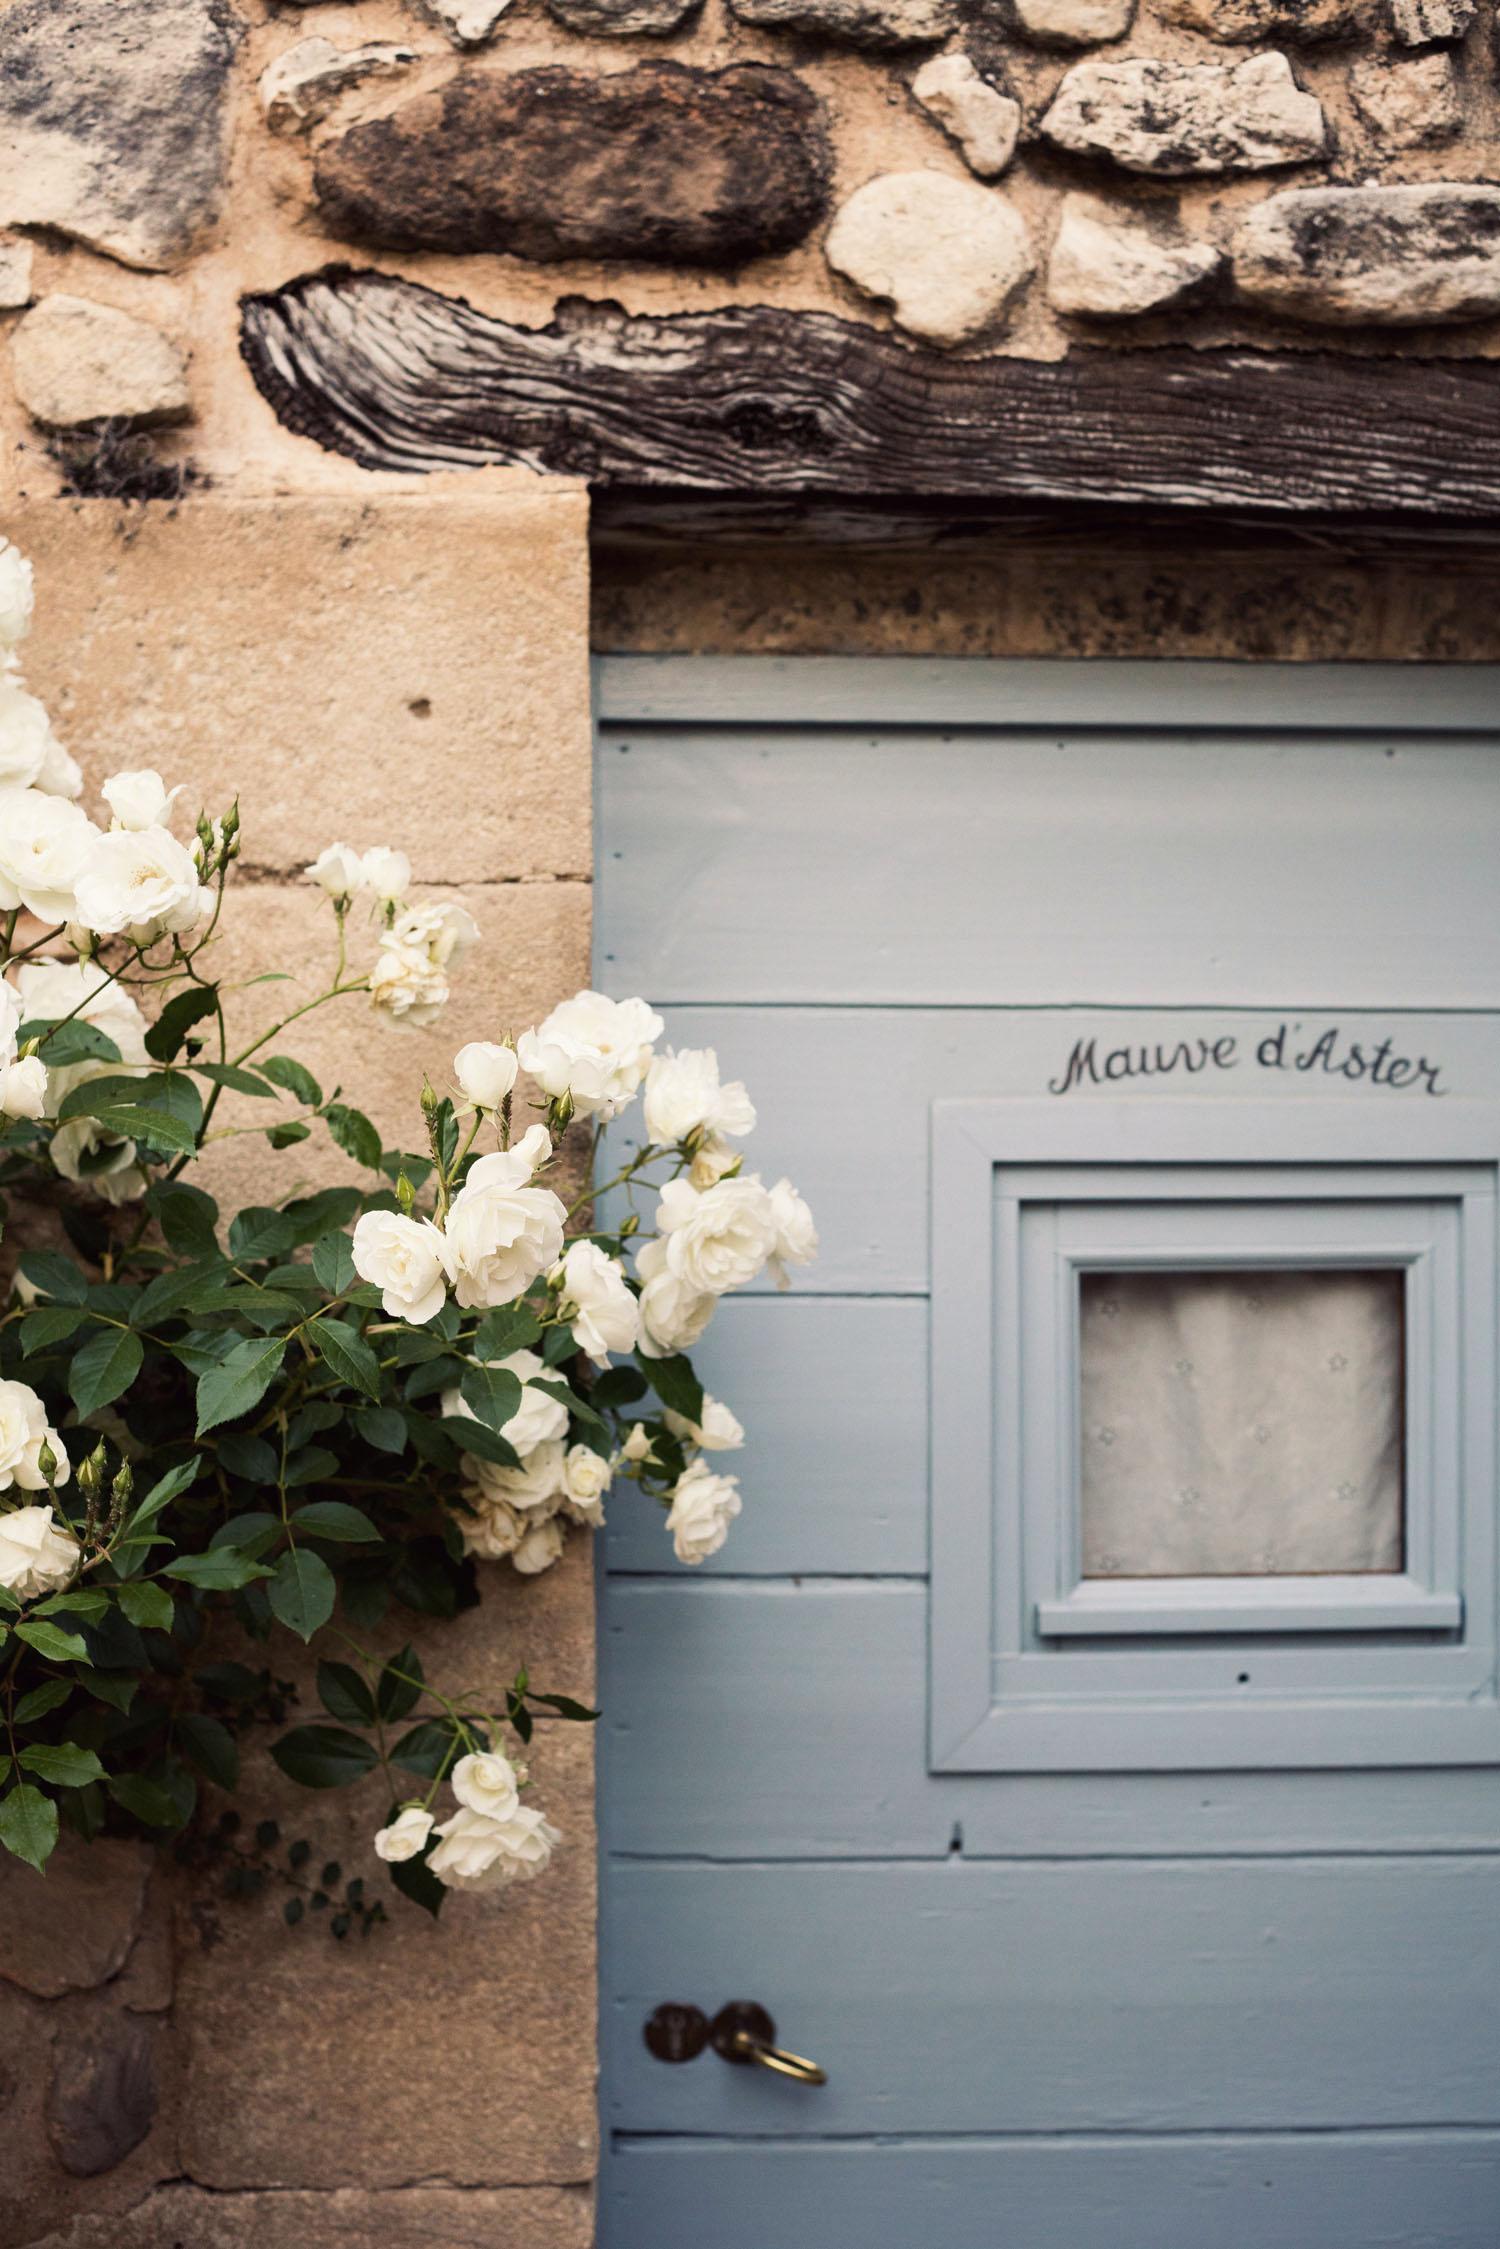 Bastide_De_Marie_02